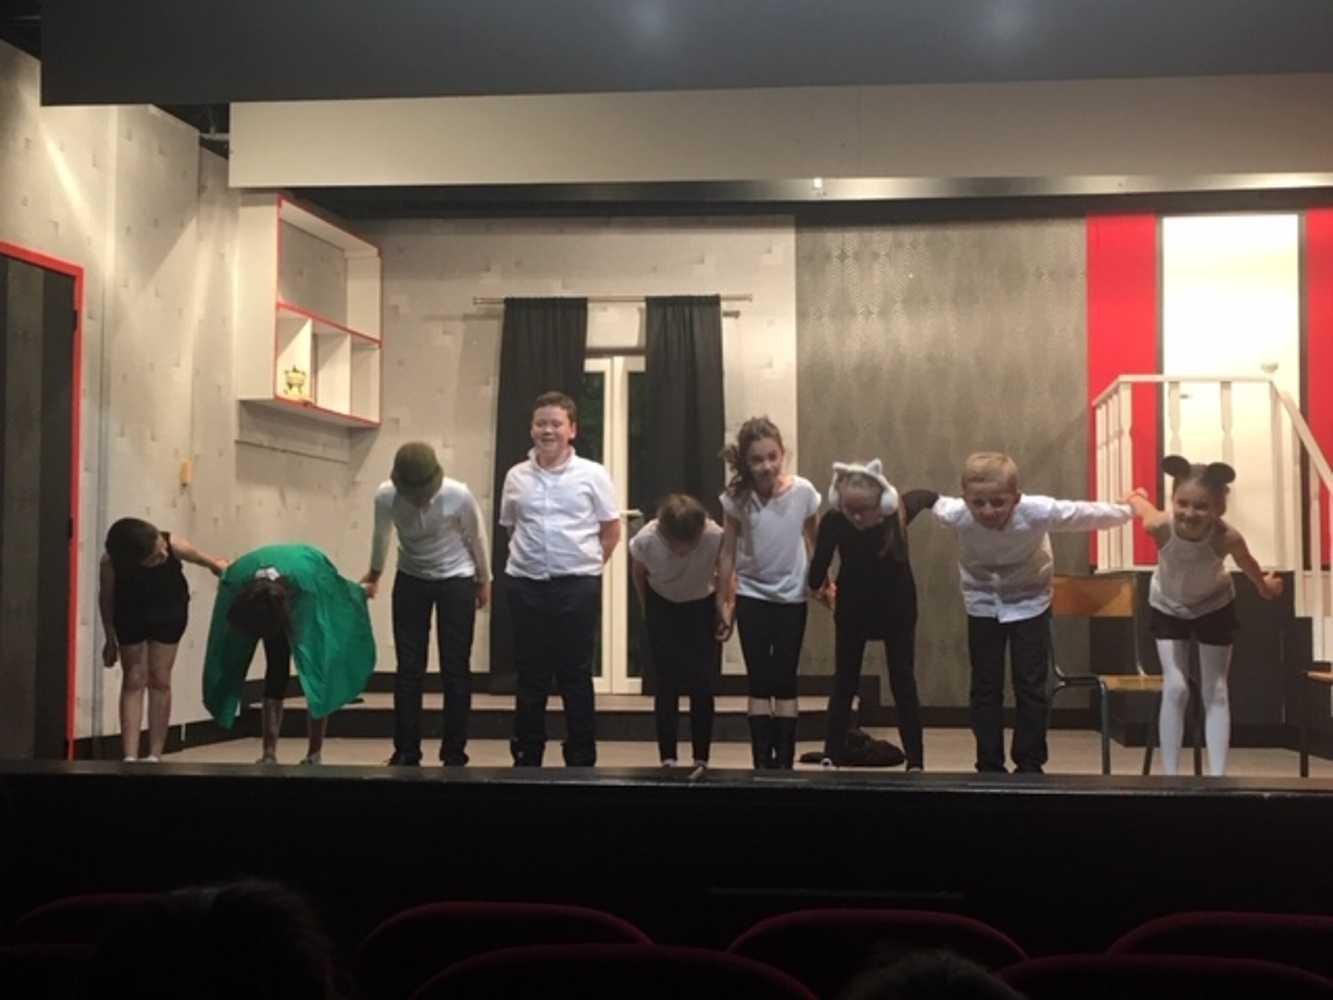 Familles Rurales : photos de la représentation de l''atelier théâtre jeune img9063